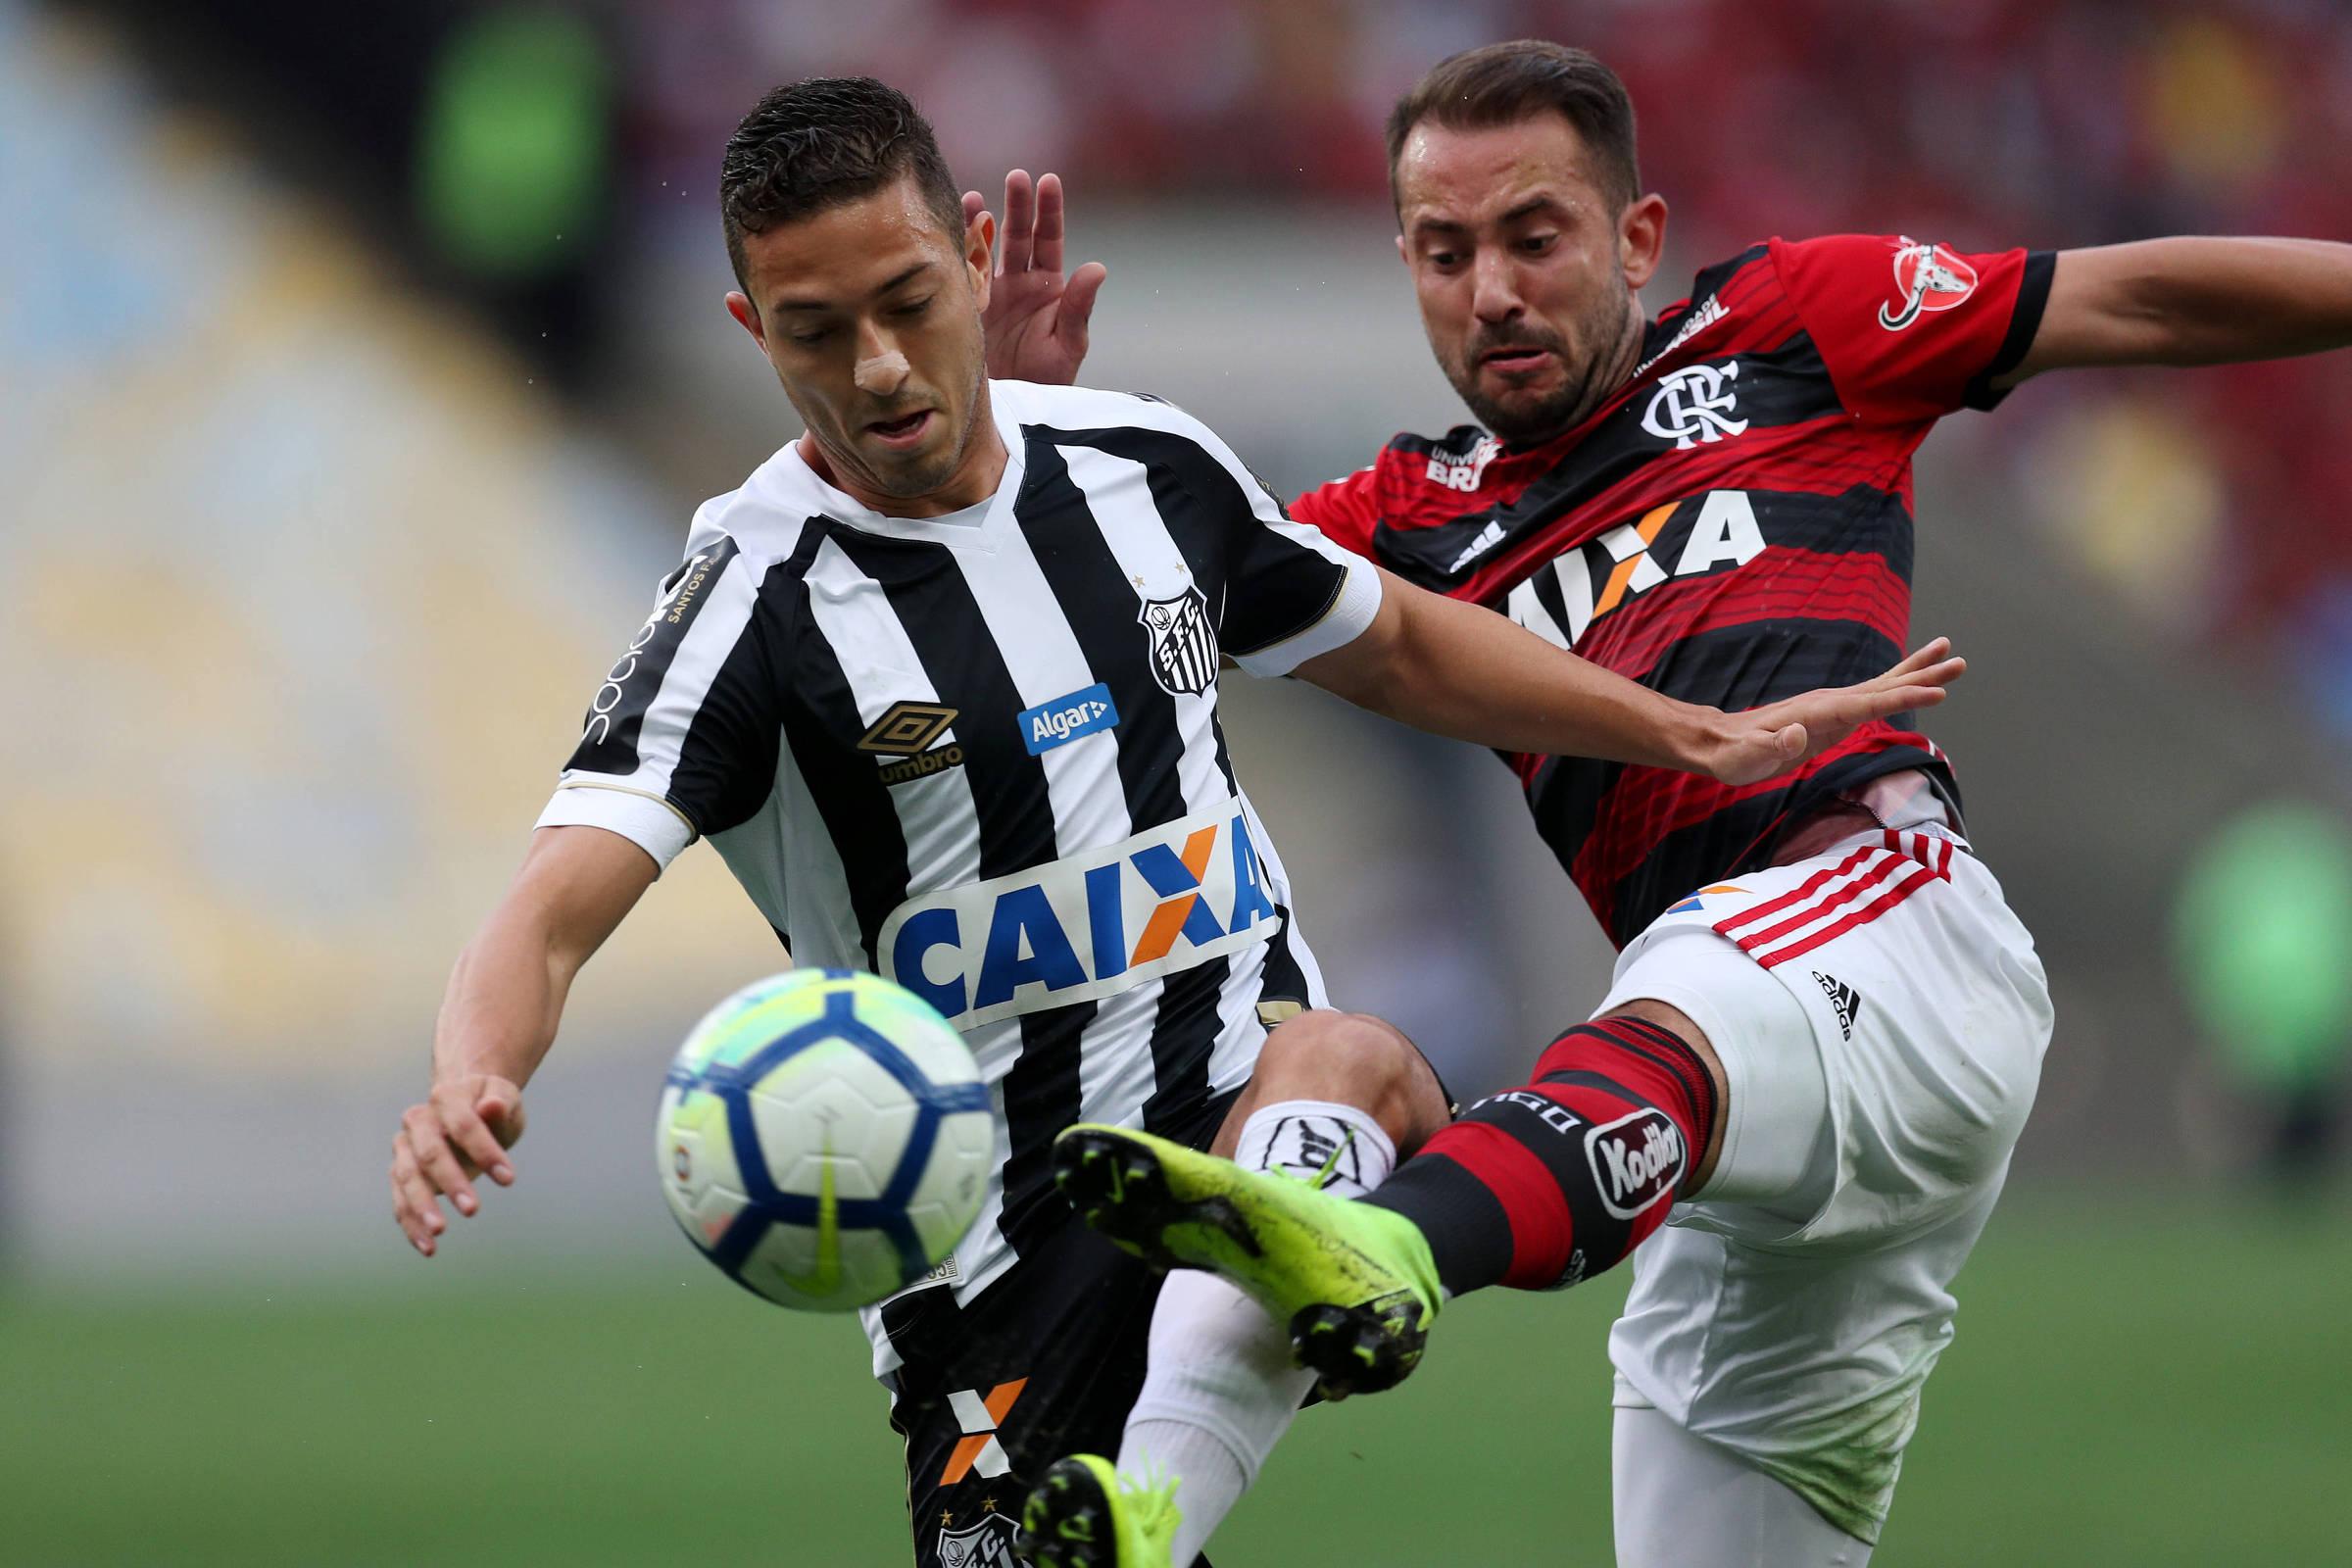 Que time perde mais e outras respostas sobre corte do patrocínio da Caixa -  10 01 2019 - Esporte - Folha d726a2564b179